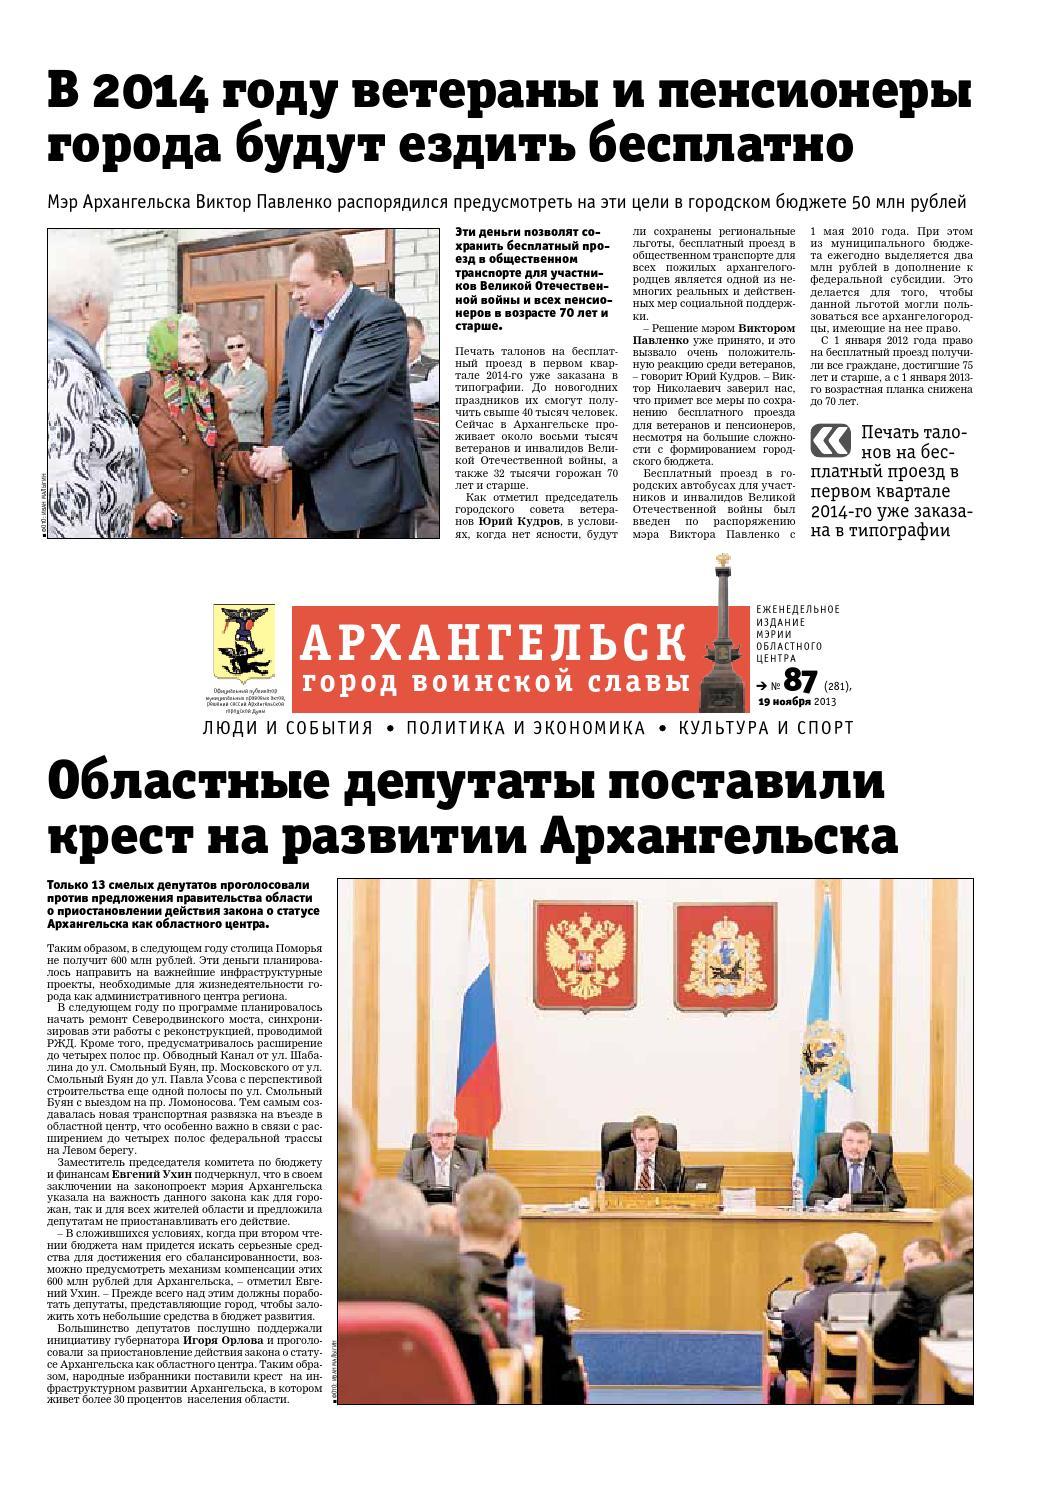 Купить трудовой договор Усачёва улица документы для кредита в москве Хуторской 2-й переулок